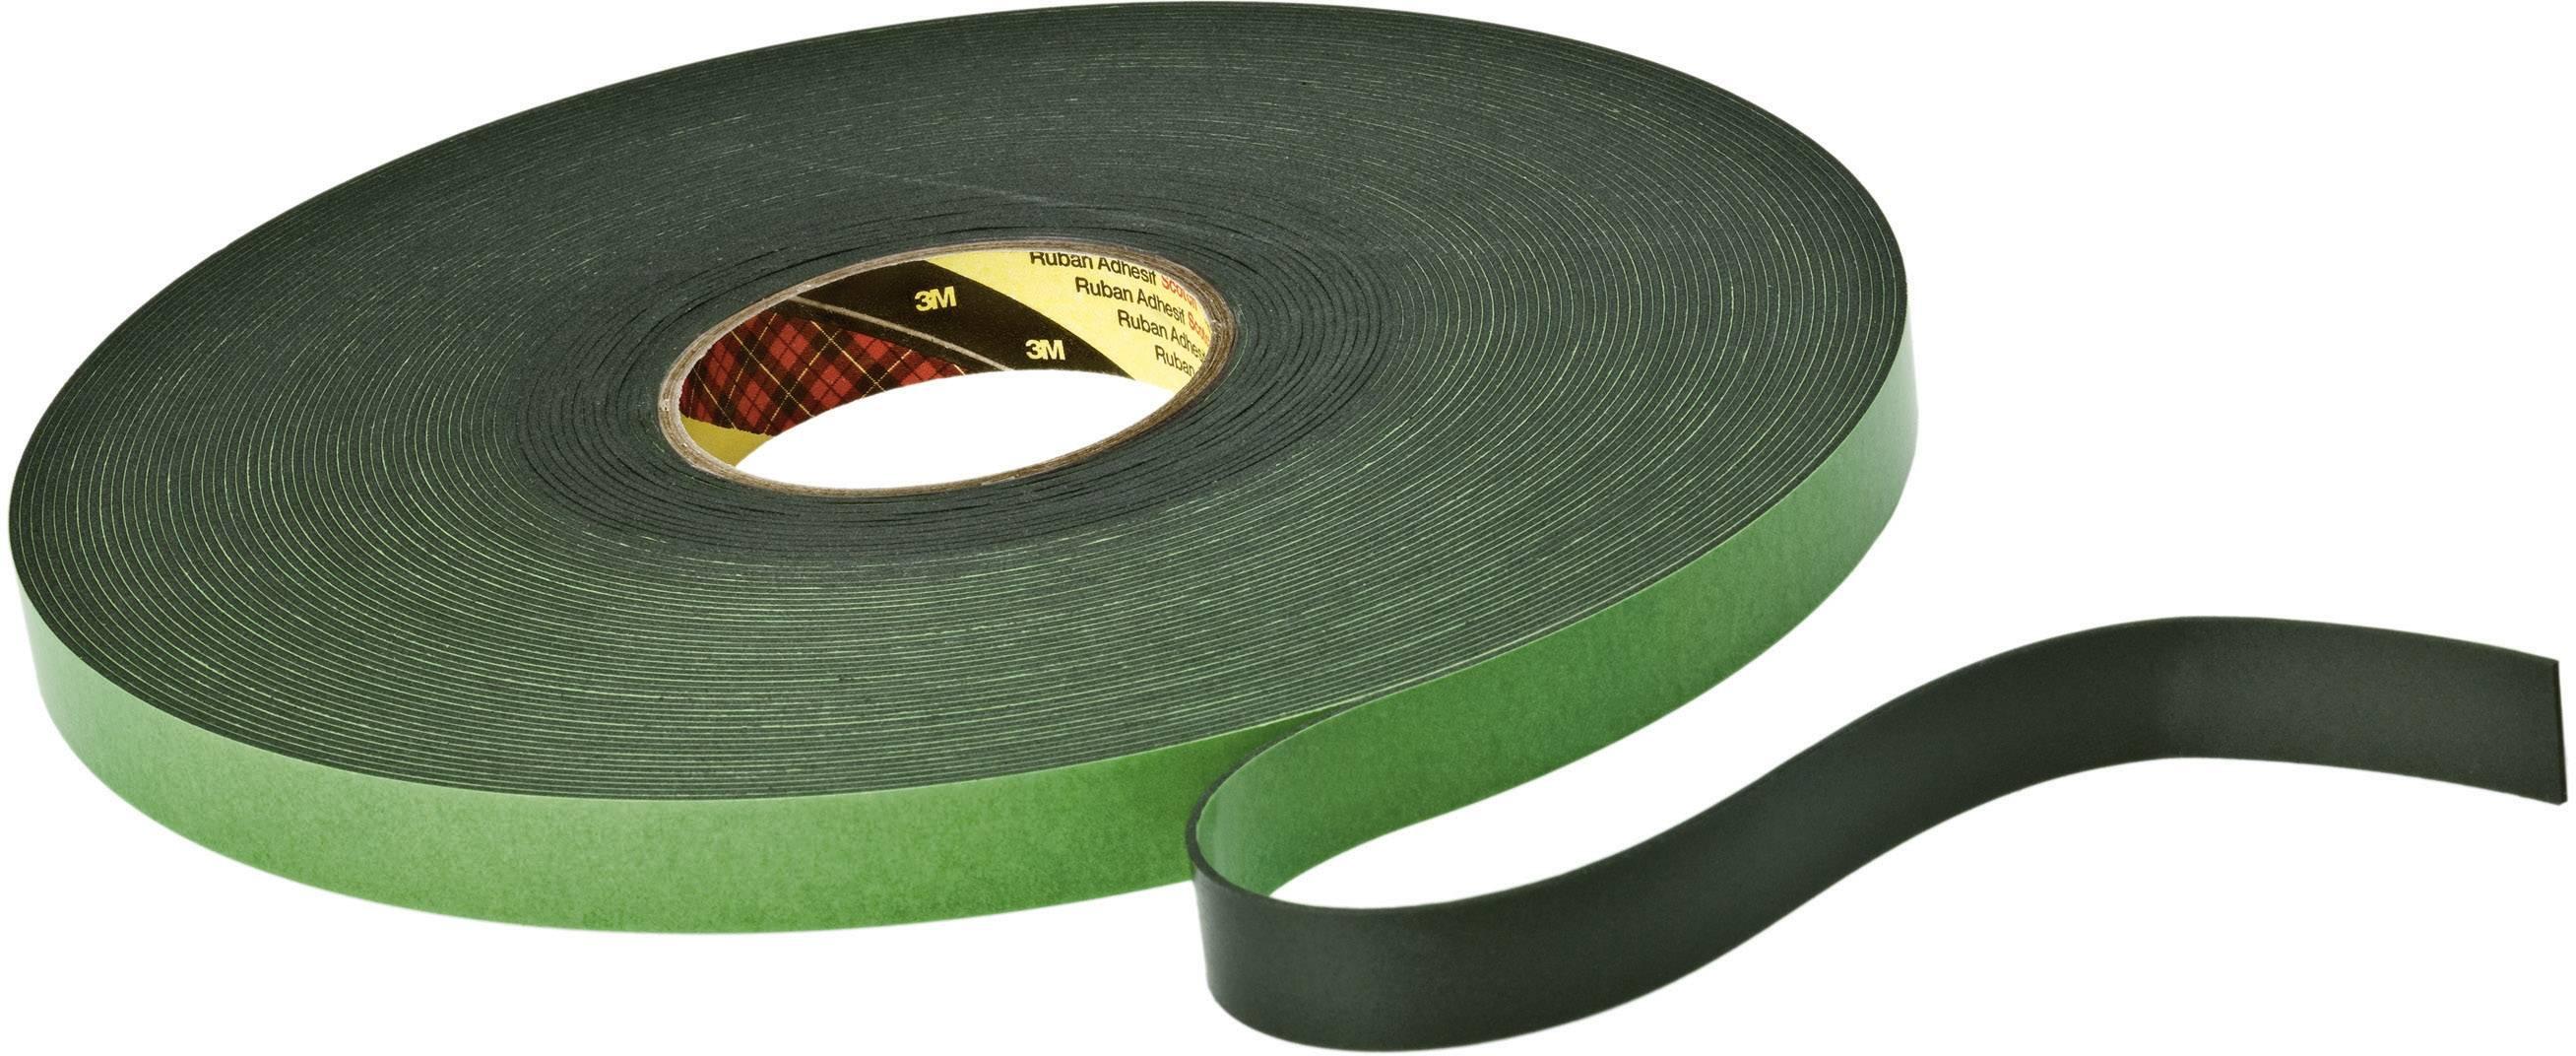 Oboustranná lepicí páska 3M 9515B KT777306210, (d x š) 33 m x 12 mm, akryl, černá, 1 role